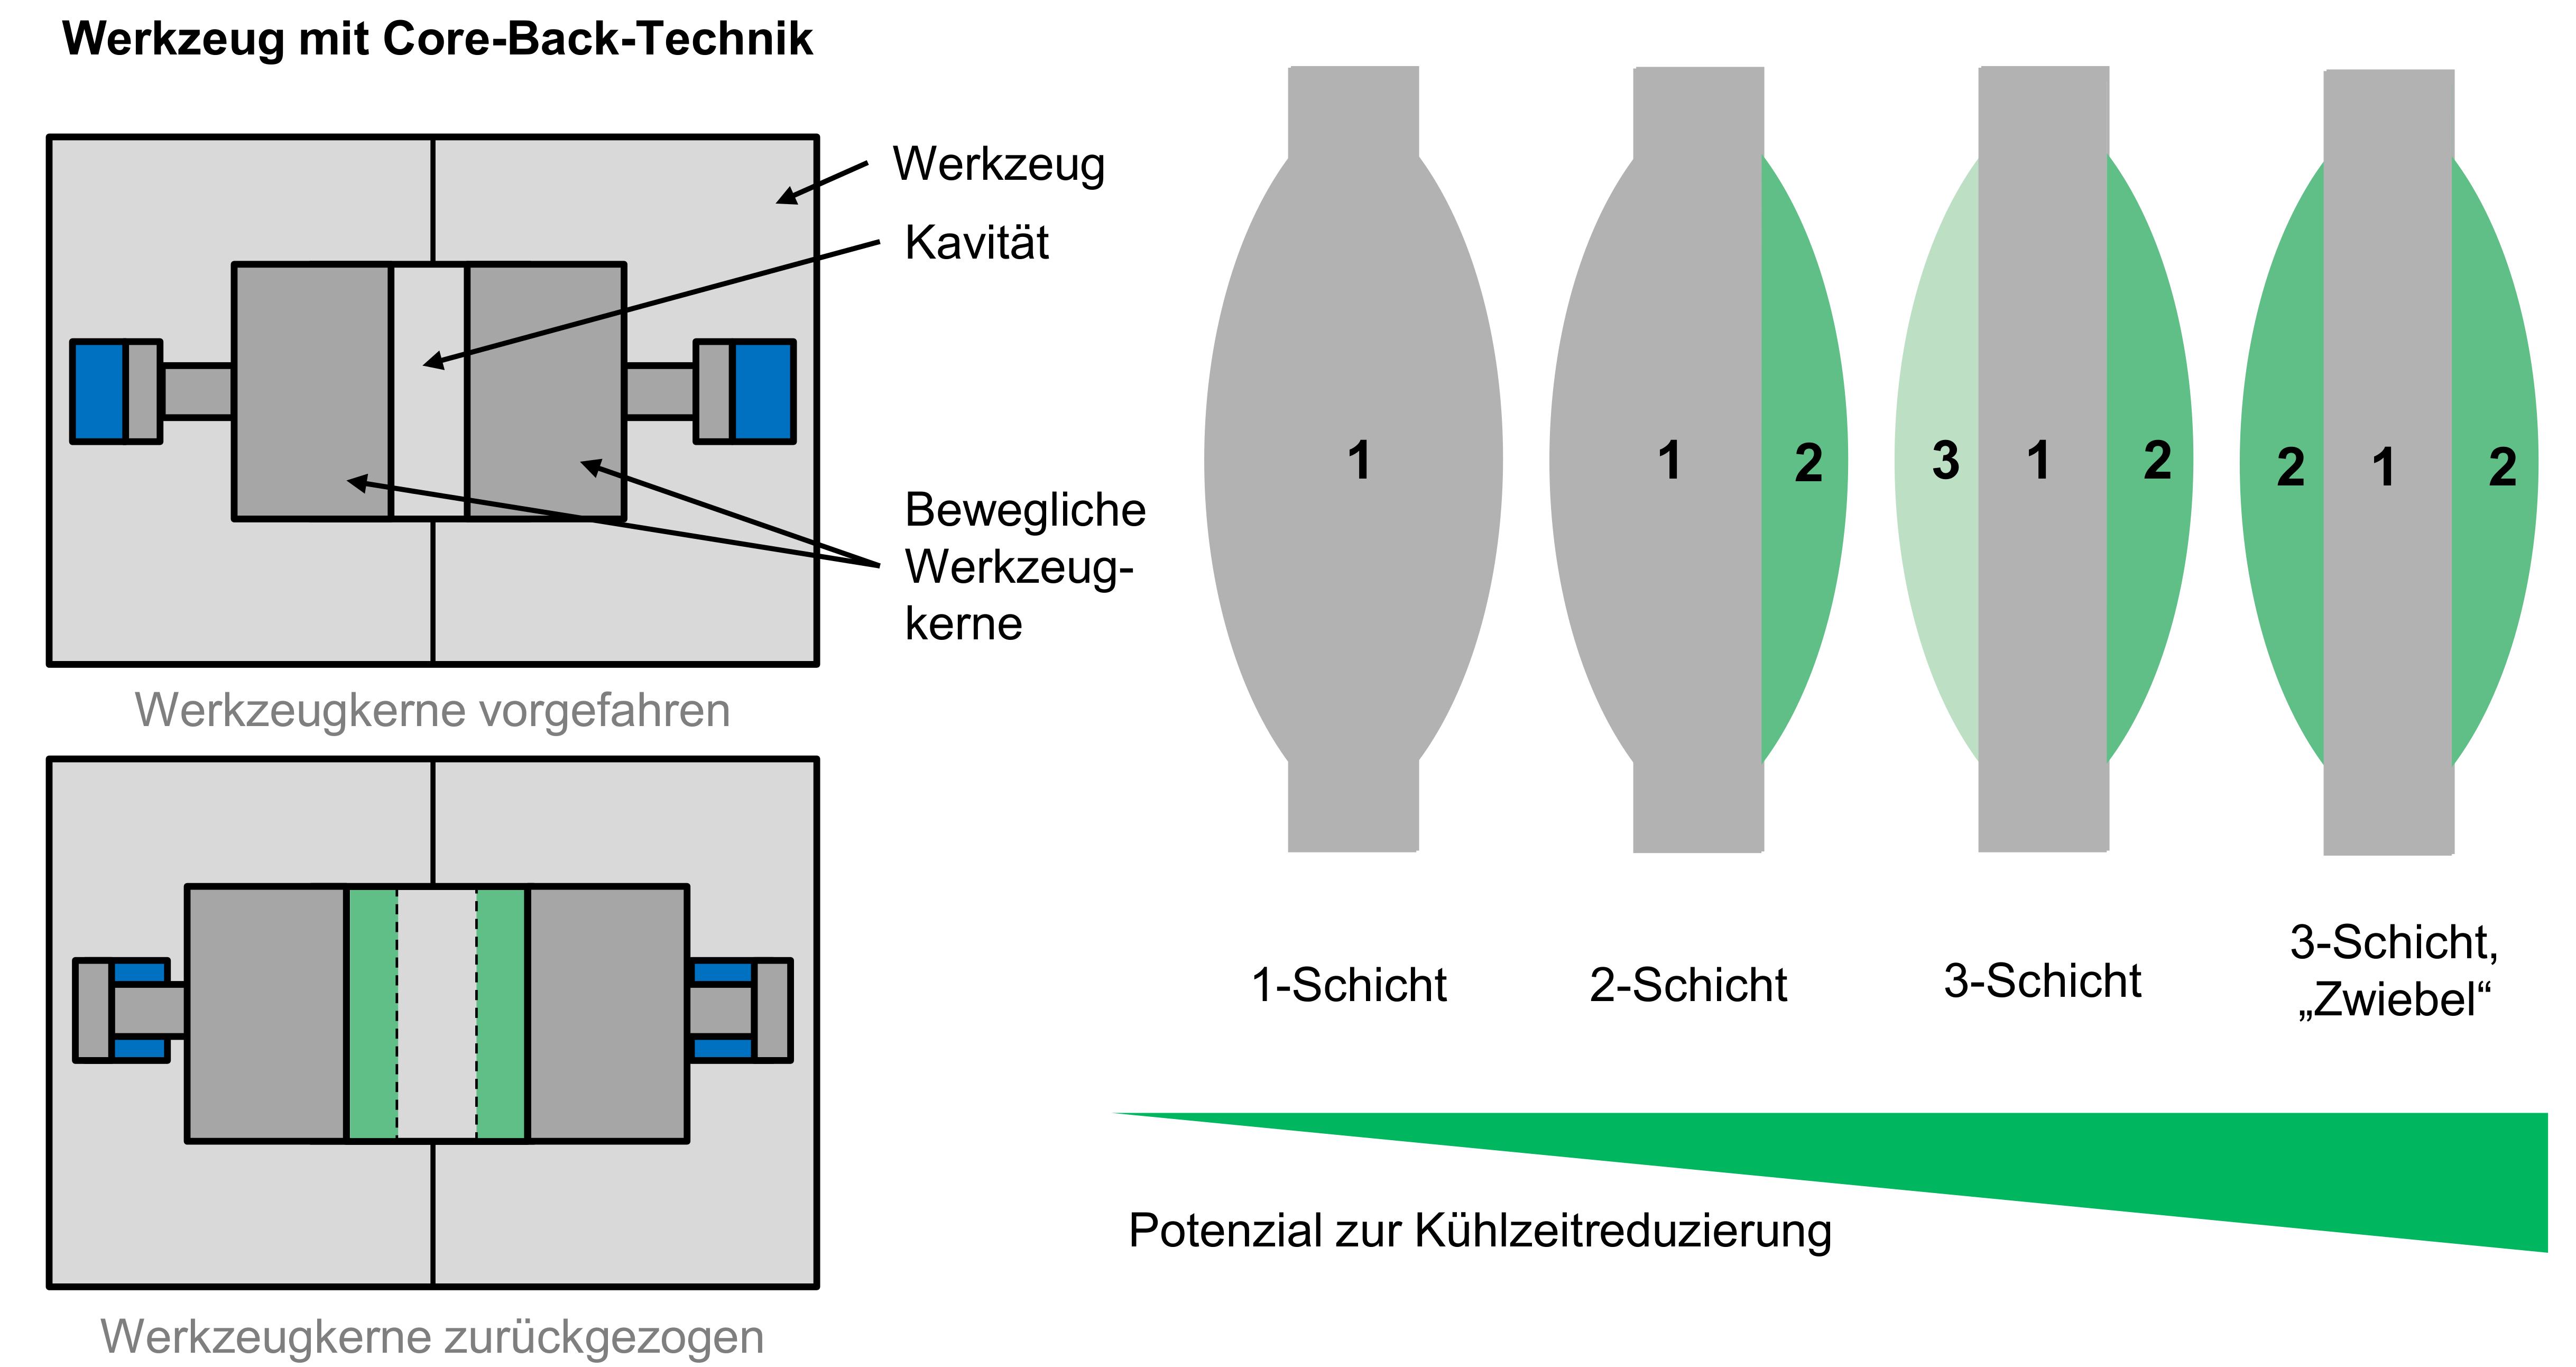 Großartig Schaltplan Werkzeug Galerie - Die Besten Elektrischen ...